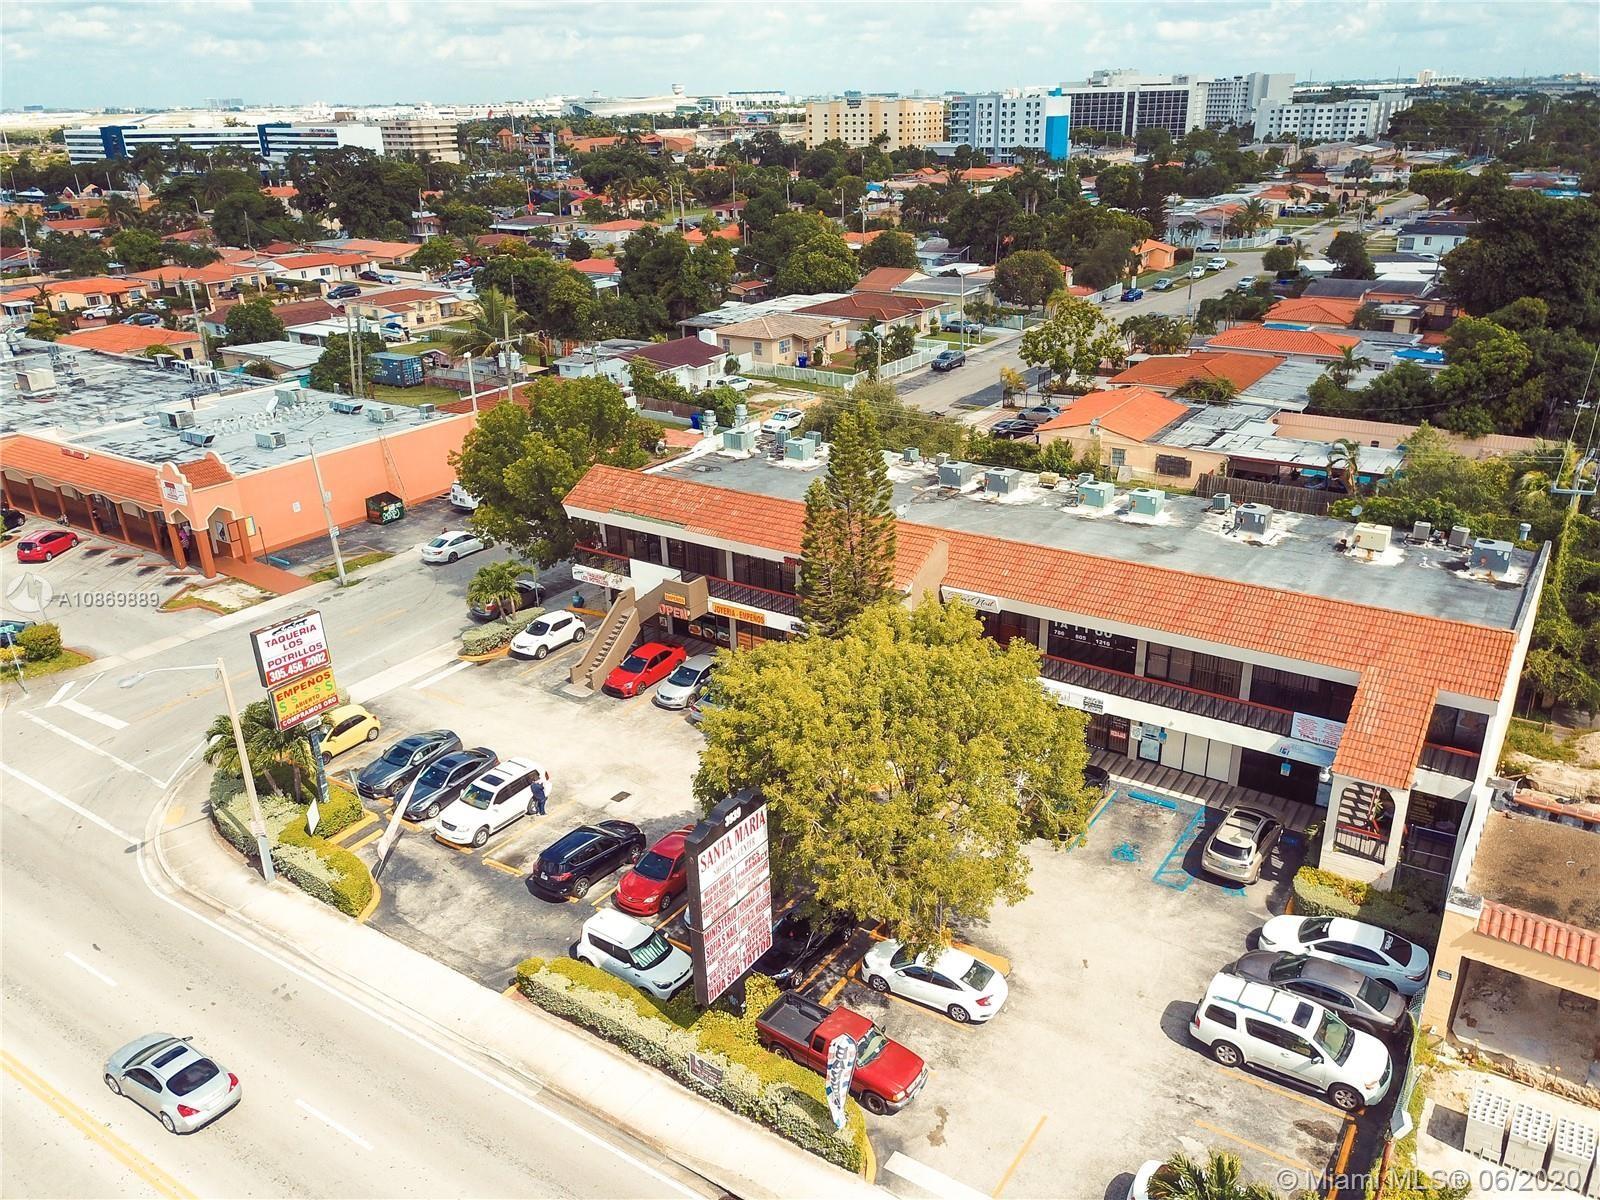 3939 NW 7th St, Miami, FL 33126